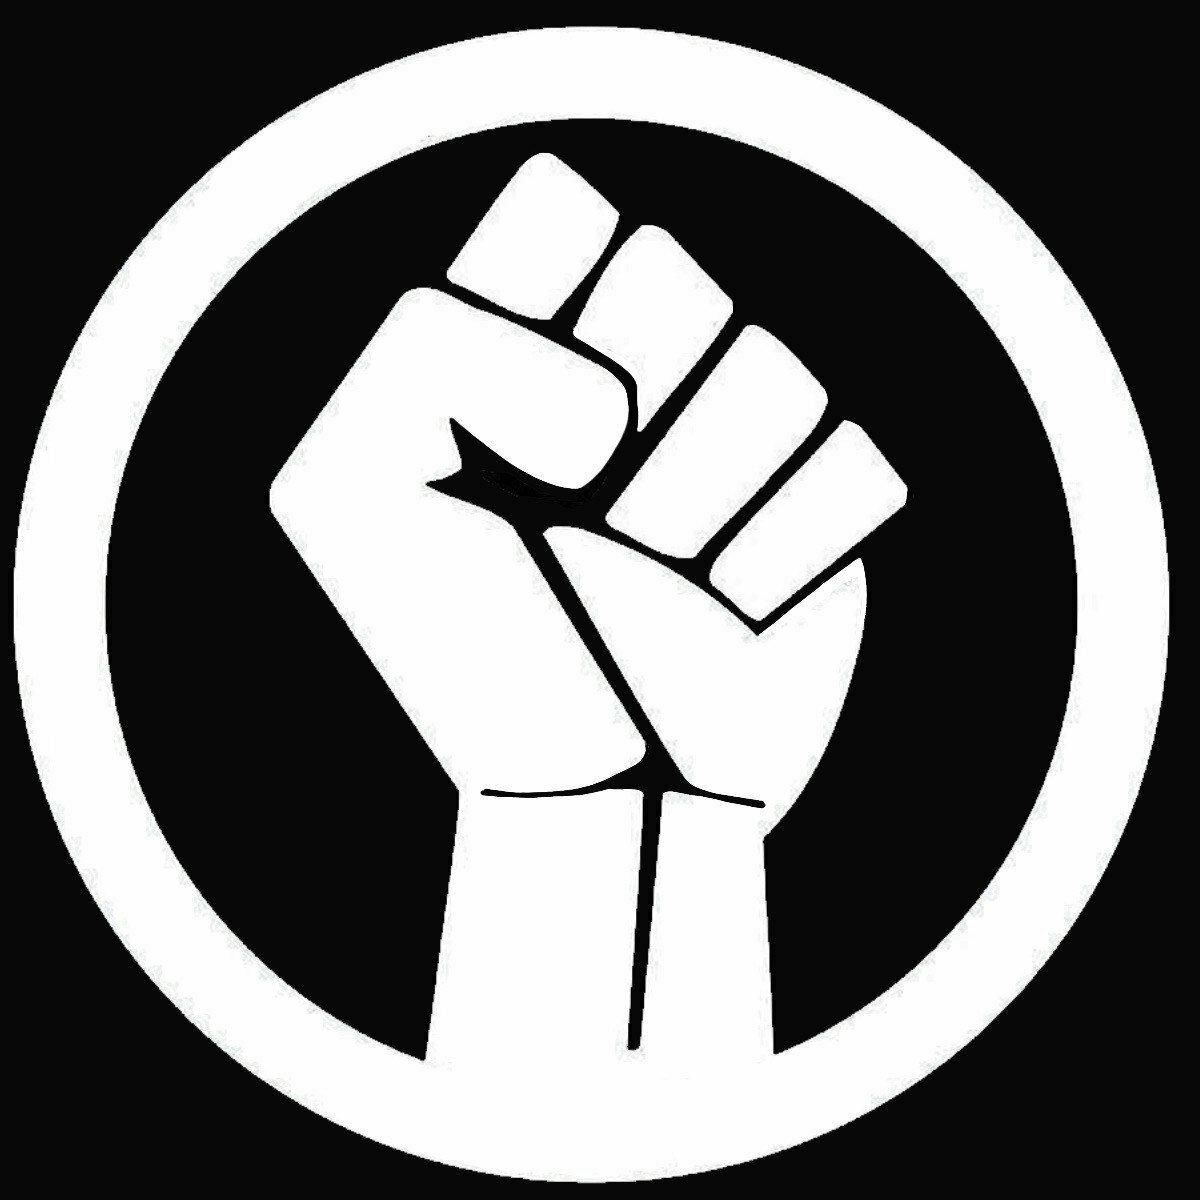 Black Lives Matter Decal/Fist BLM Vinyl sticker in White